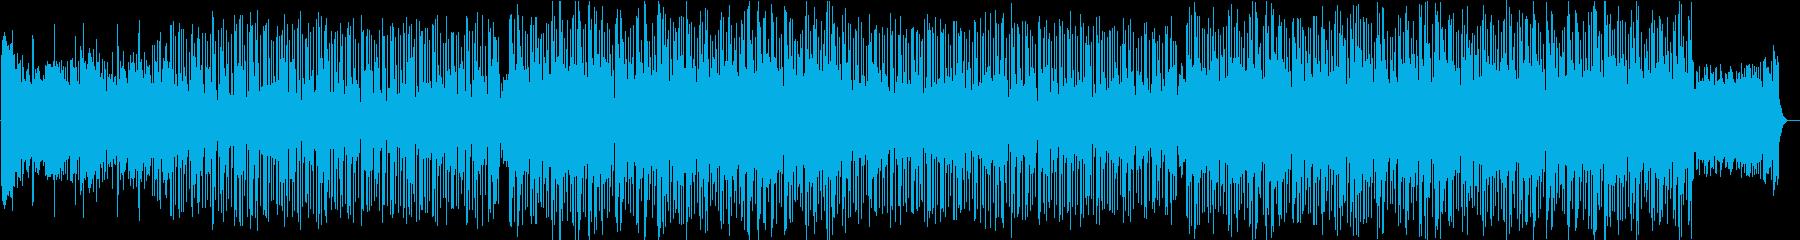 R&B・ムーディー・アコギ・夜景・哀愁感の再生済みの波形